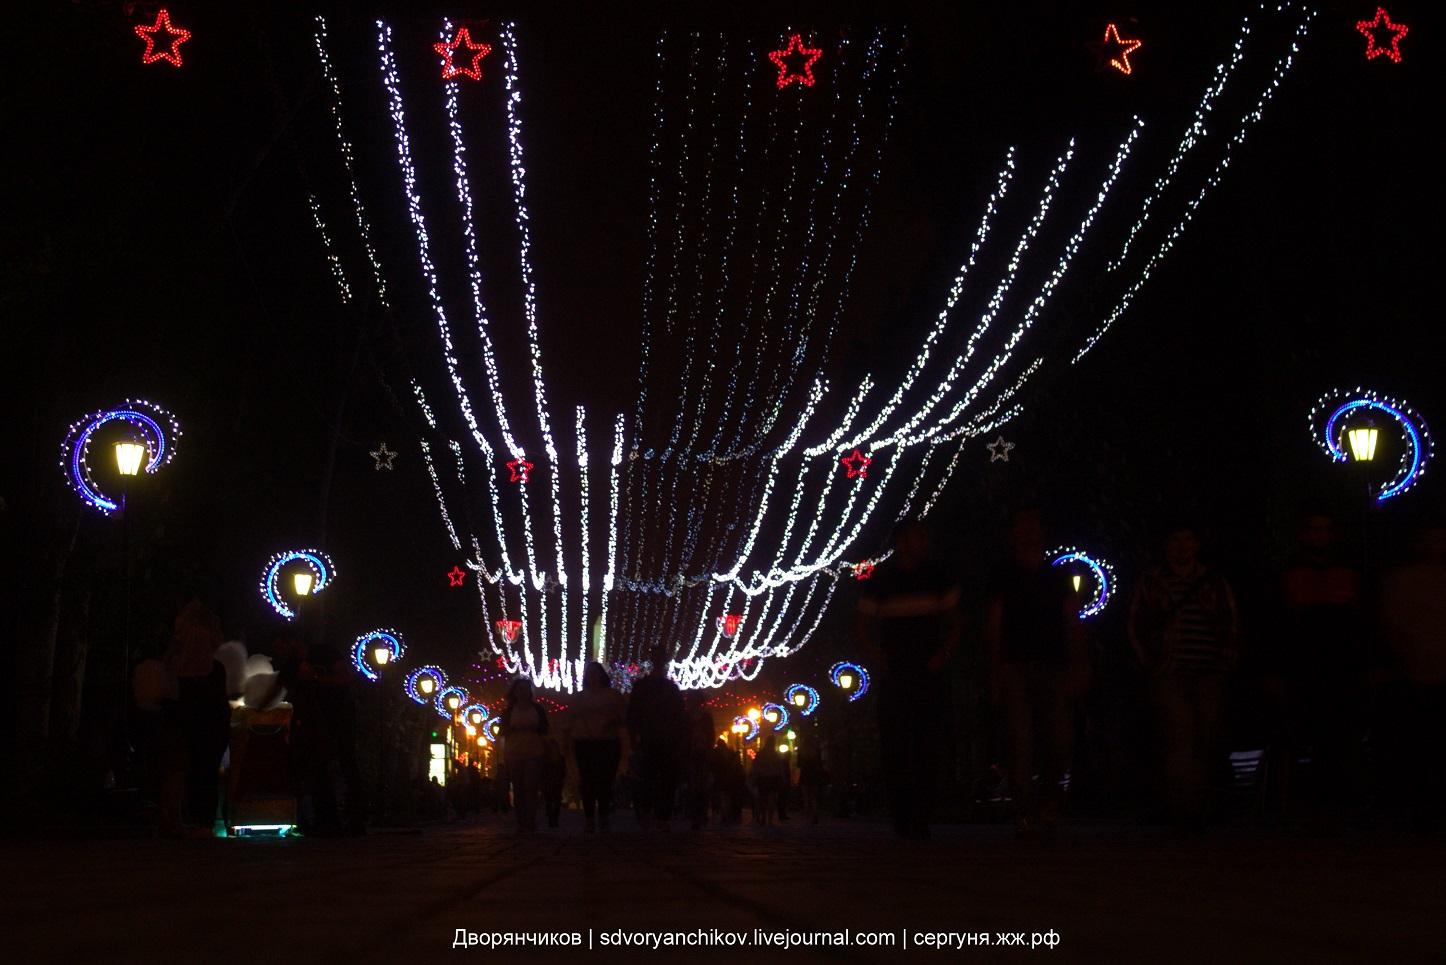 Волгоград - 07-05-2018 Вечерняя Аллея героев